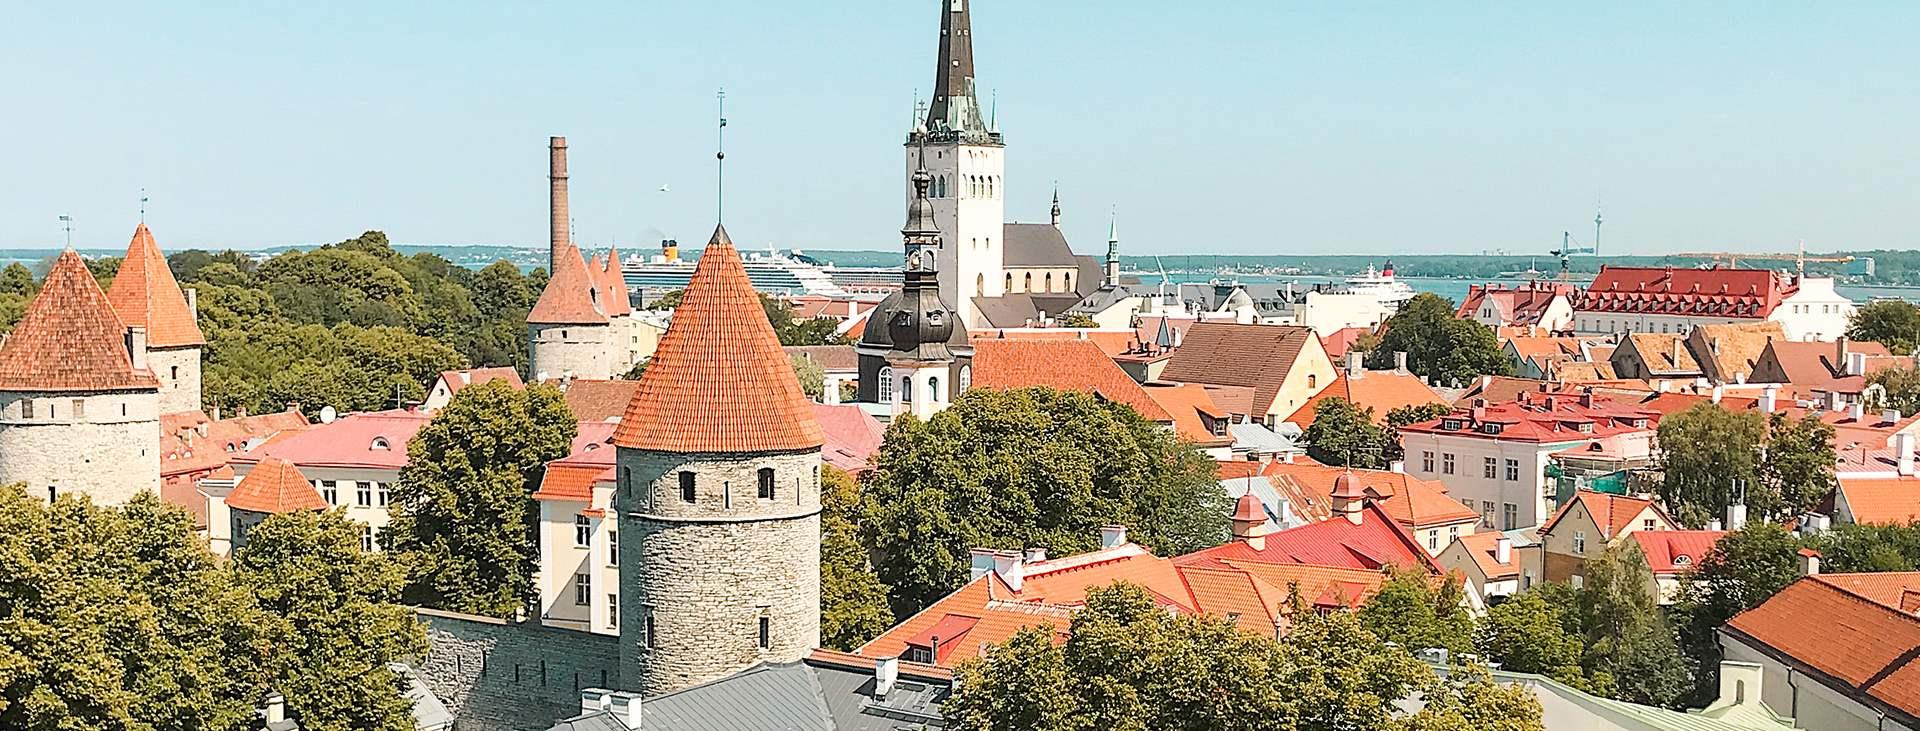 Boka en resa till Tallinn med Ving